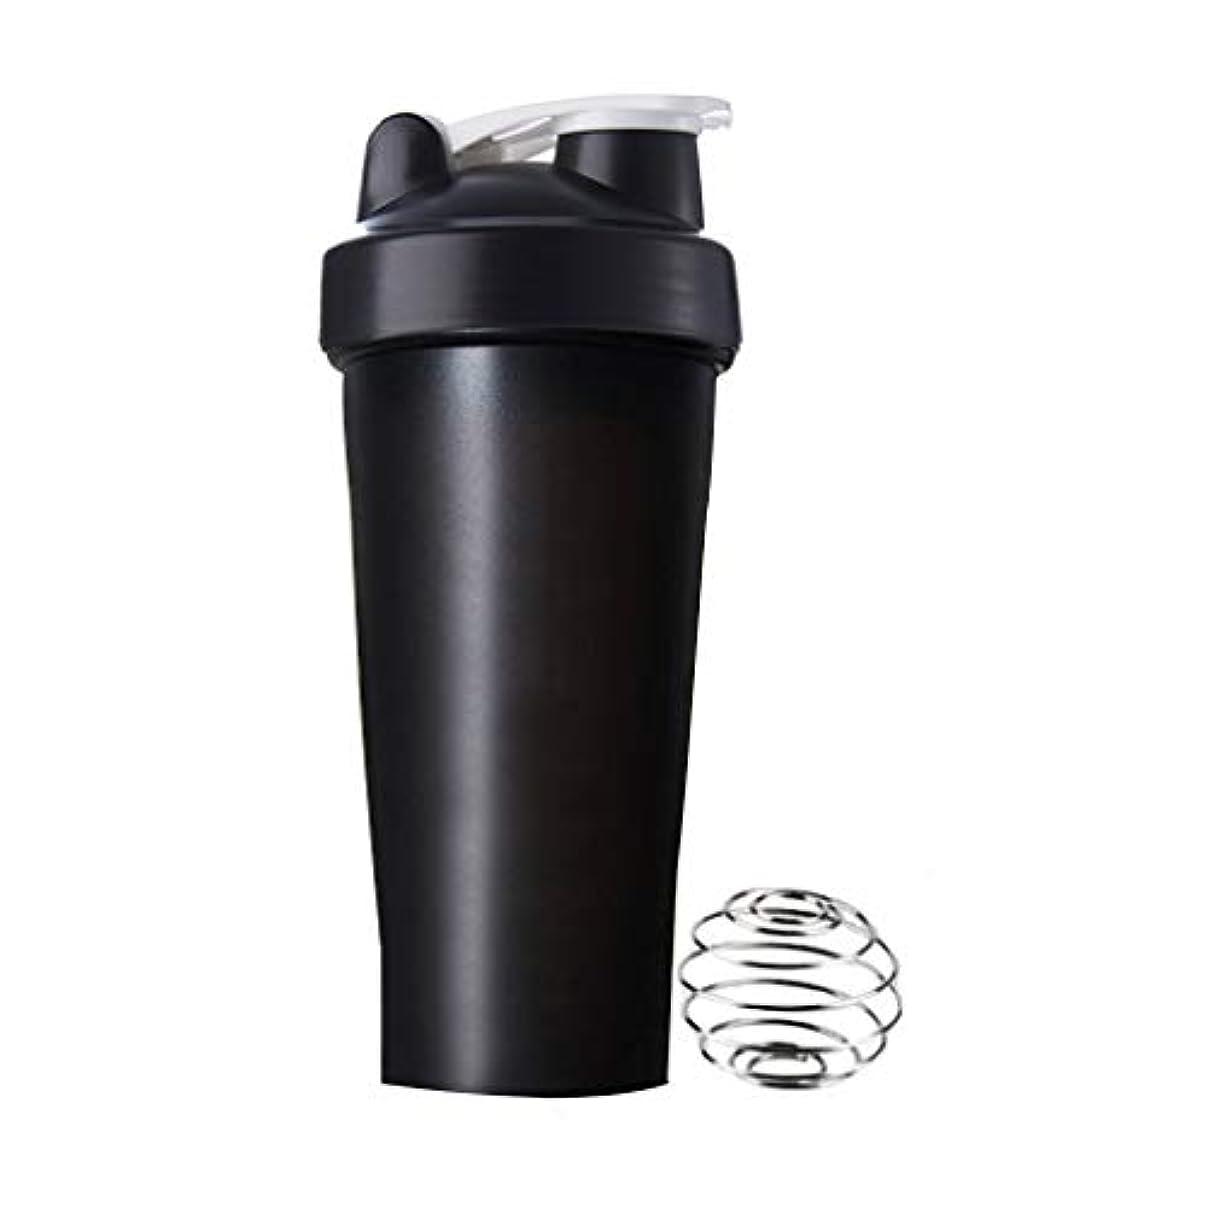 絡まる持ってる効率的にSports Pro プロテインシェイカー 600ml シェーカーボトル (ブラック)